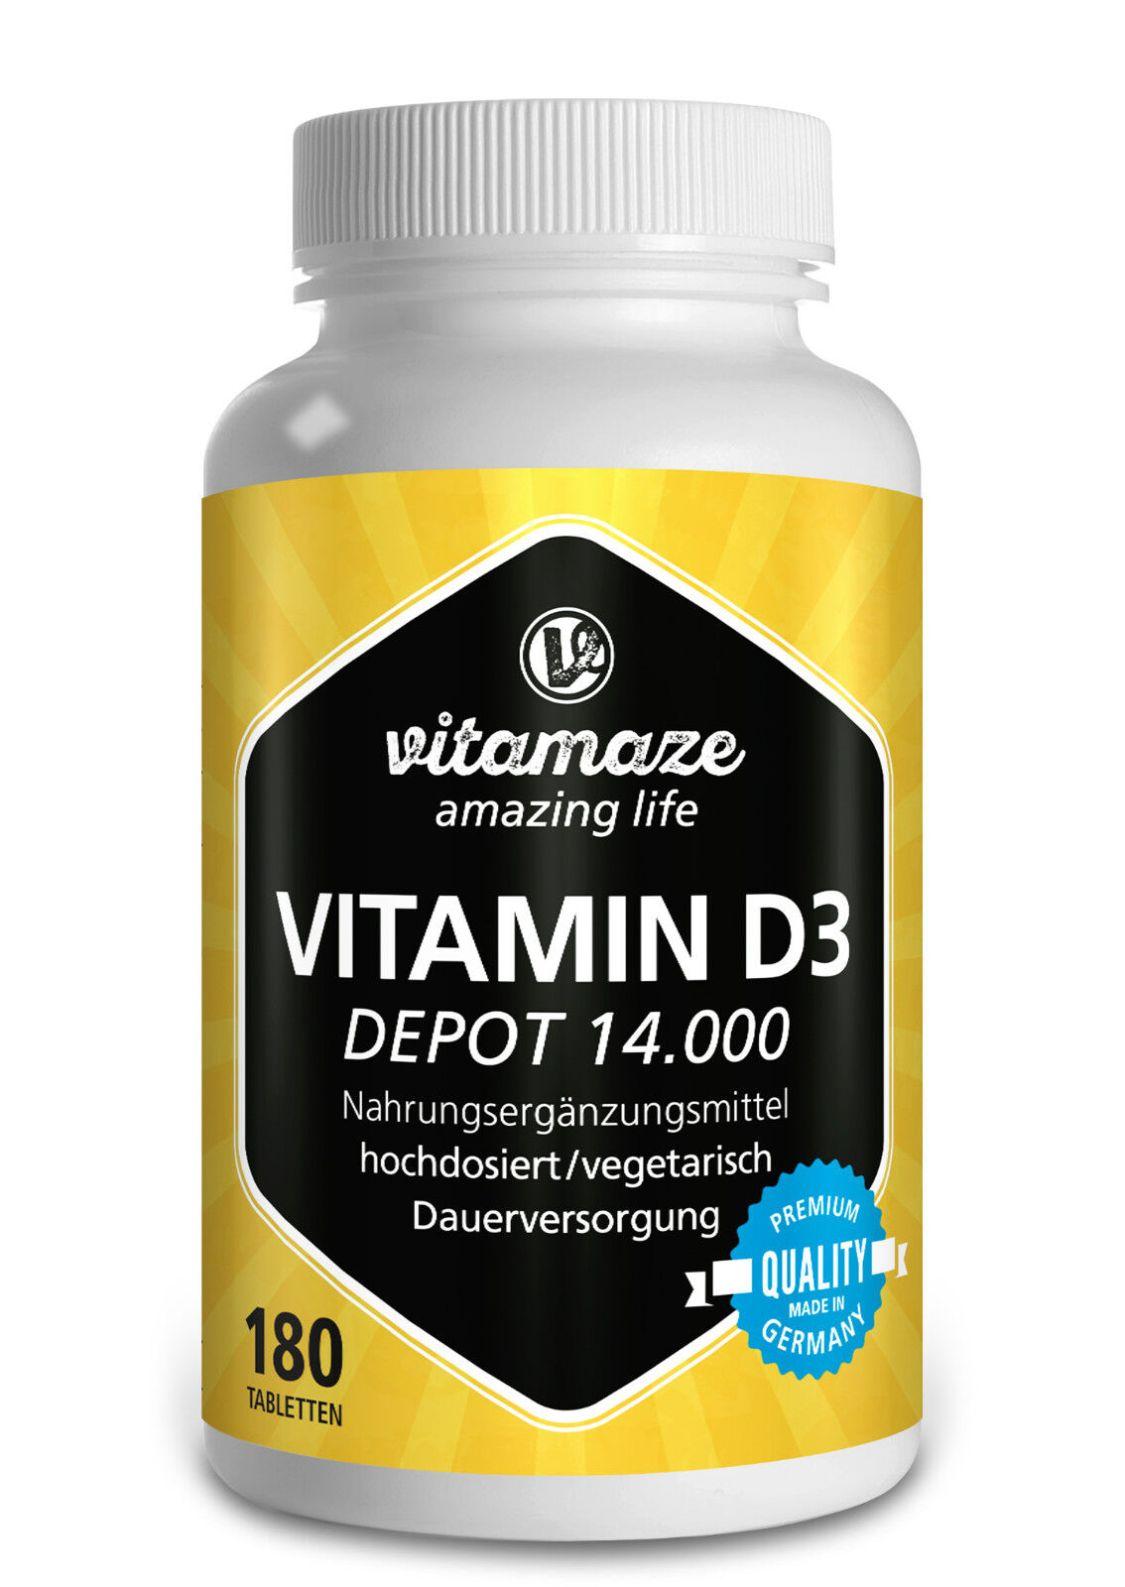 Vitamin D3 Depot 14.000 i e ( iu ) hochdosiert - 180 vegetarische Tabletten